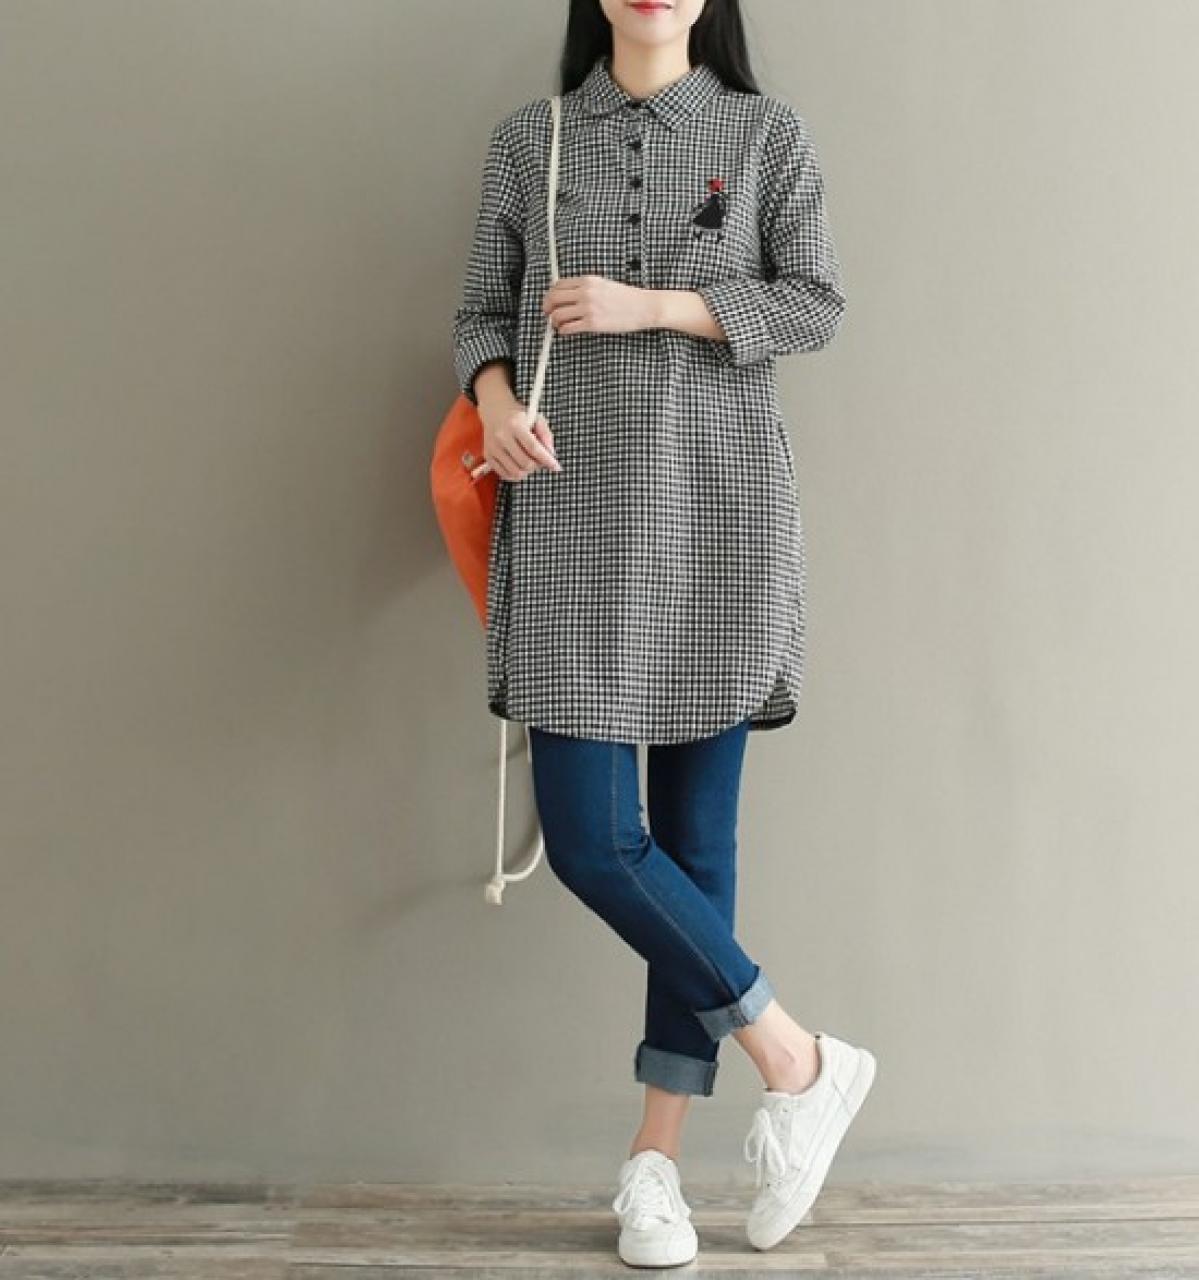 Áo sơ mi nữ công sở dài tay: 1 món đồ 3 phong cách với áo sơ mi nữ công sở dài tay